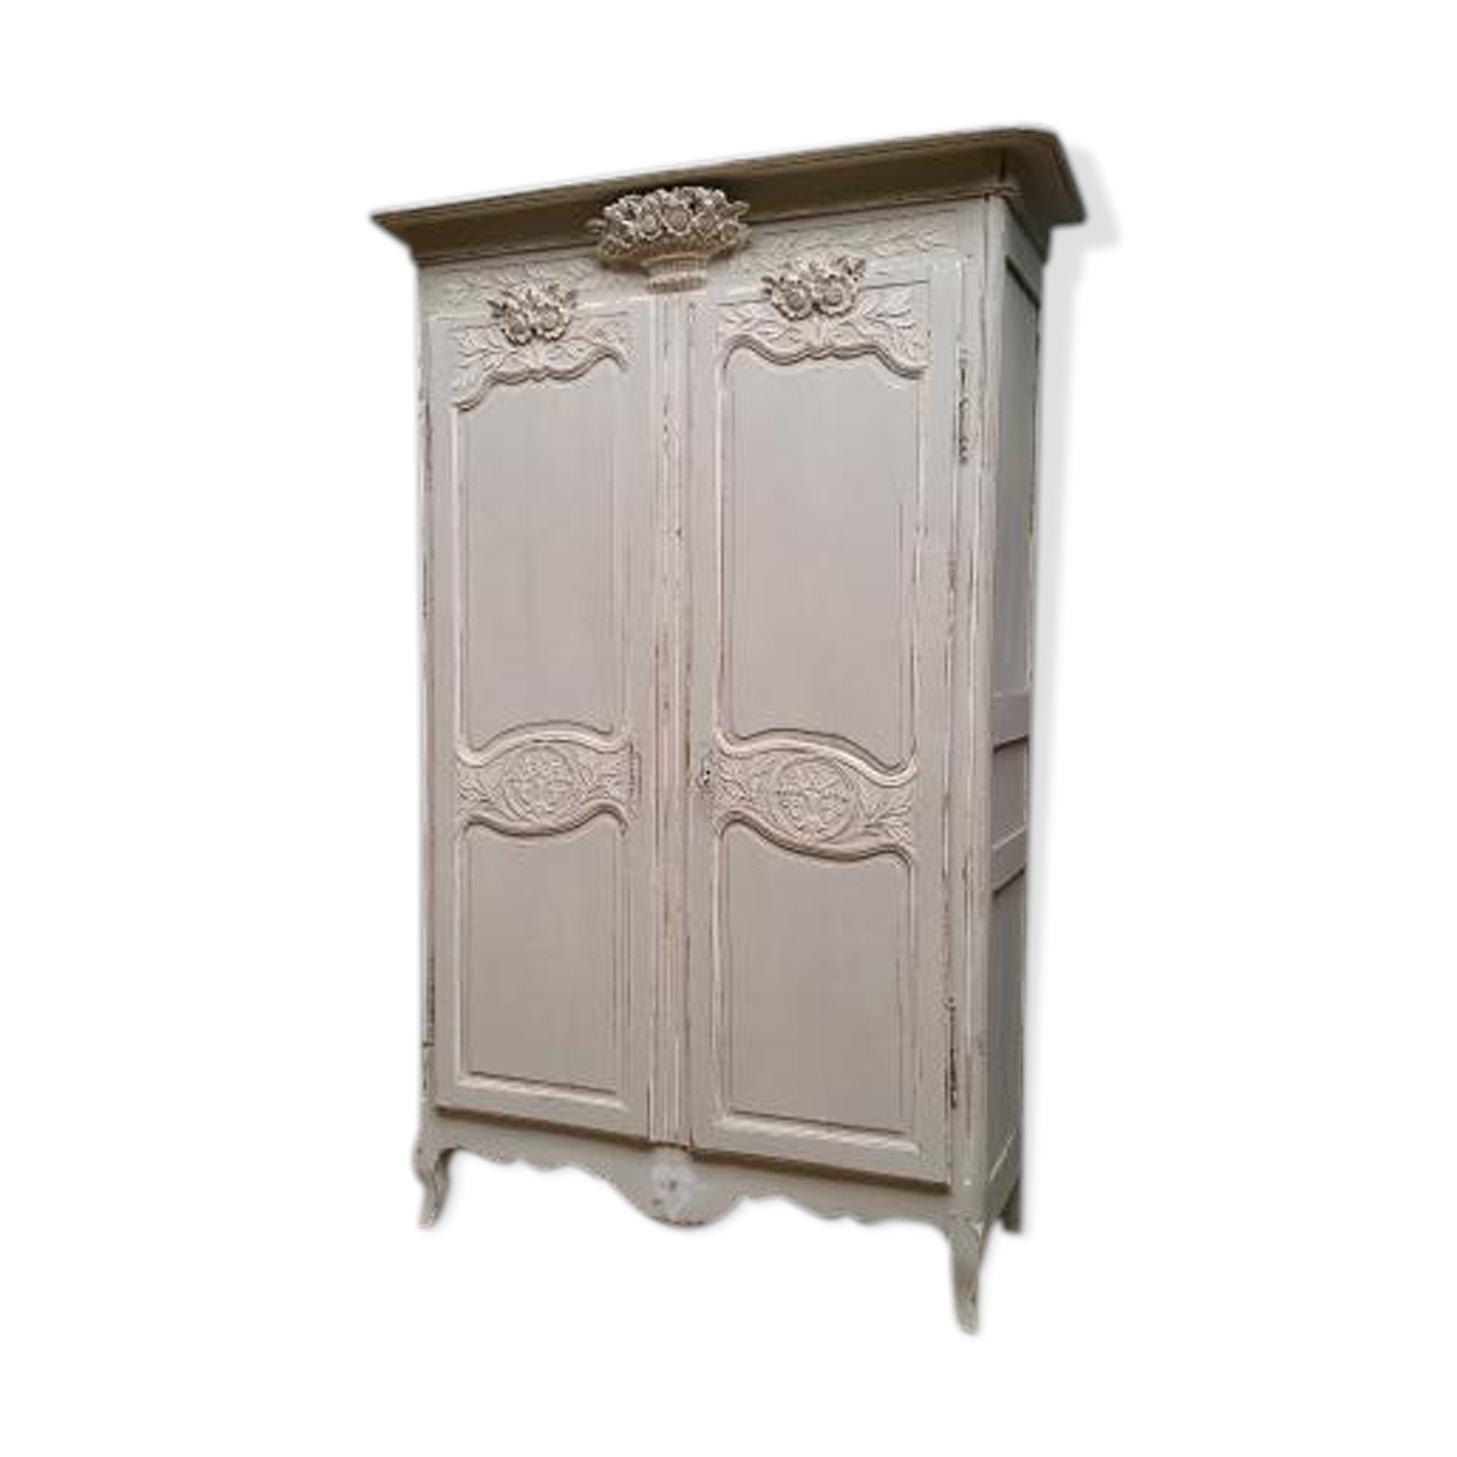 armoire normande peinte xixeme - bois (matériau) - beige - vintage